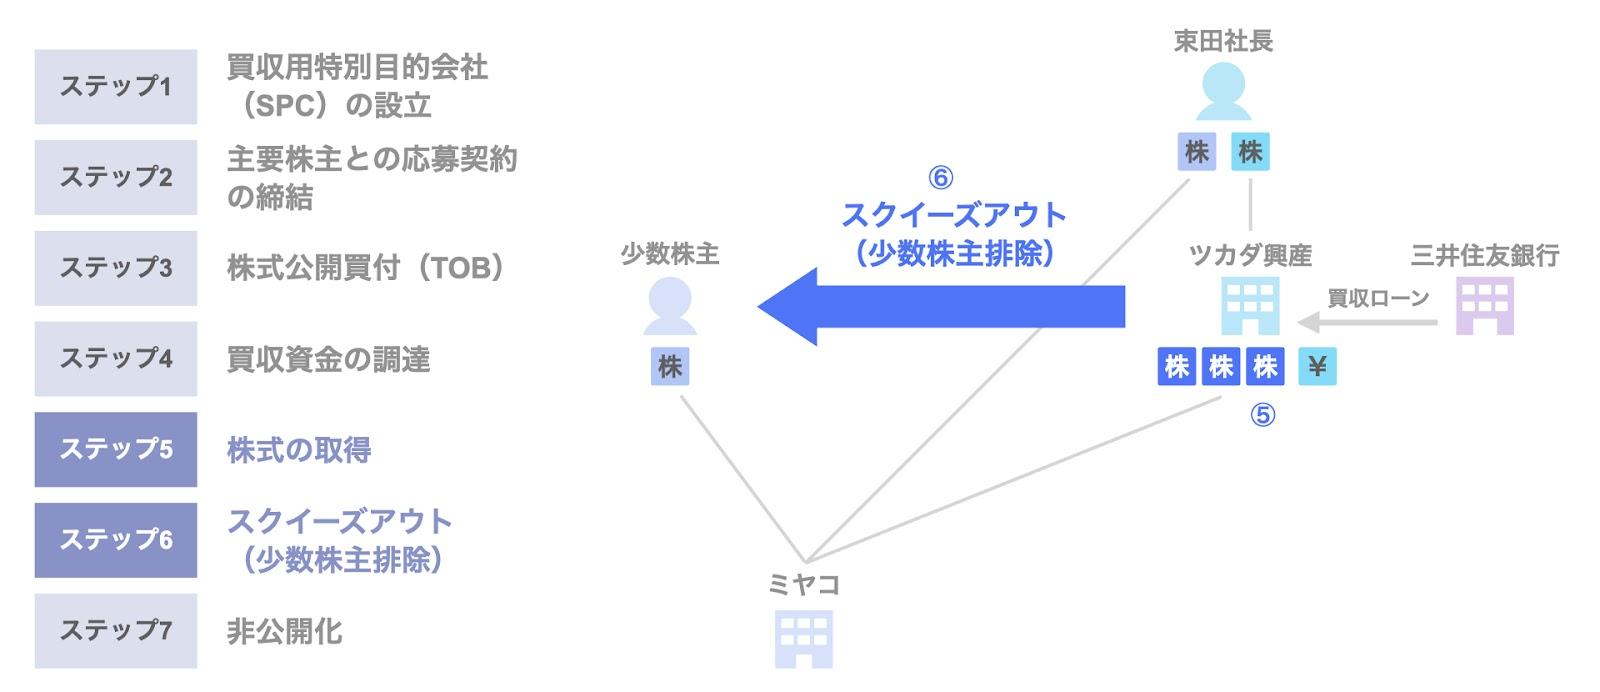 ミヤコのMBOによる非公開化のスキーム5,6